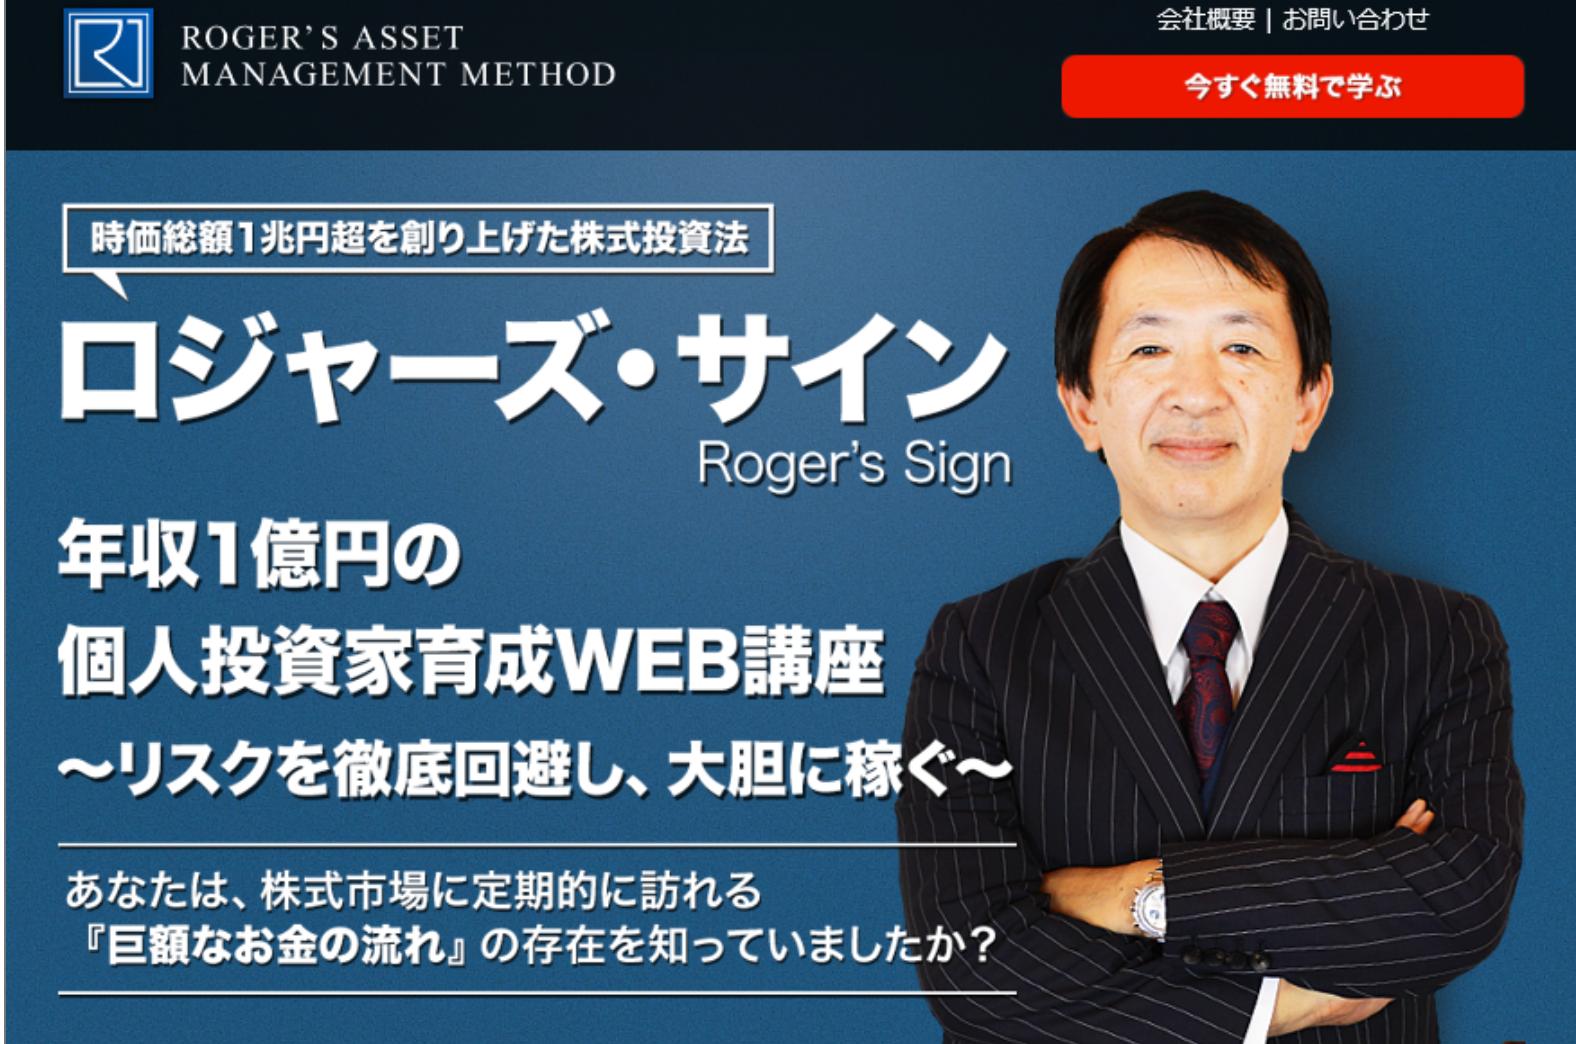 ロジャー堀 ロジャーズ・サインって一体なに?稼げるのか? 評判 口コミ 詐欺 返金 ネットビジネス裁判官が独自の視点で検証していきます。